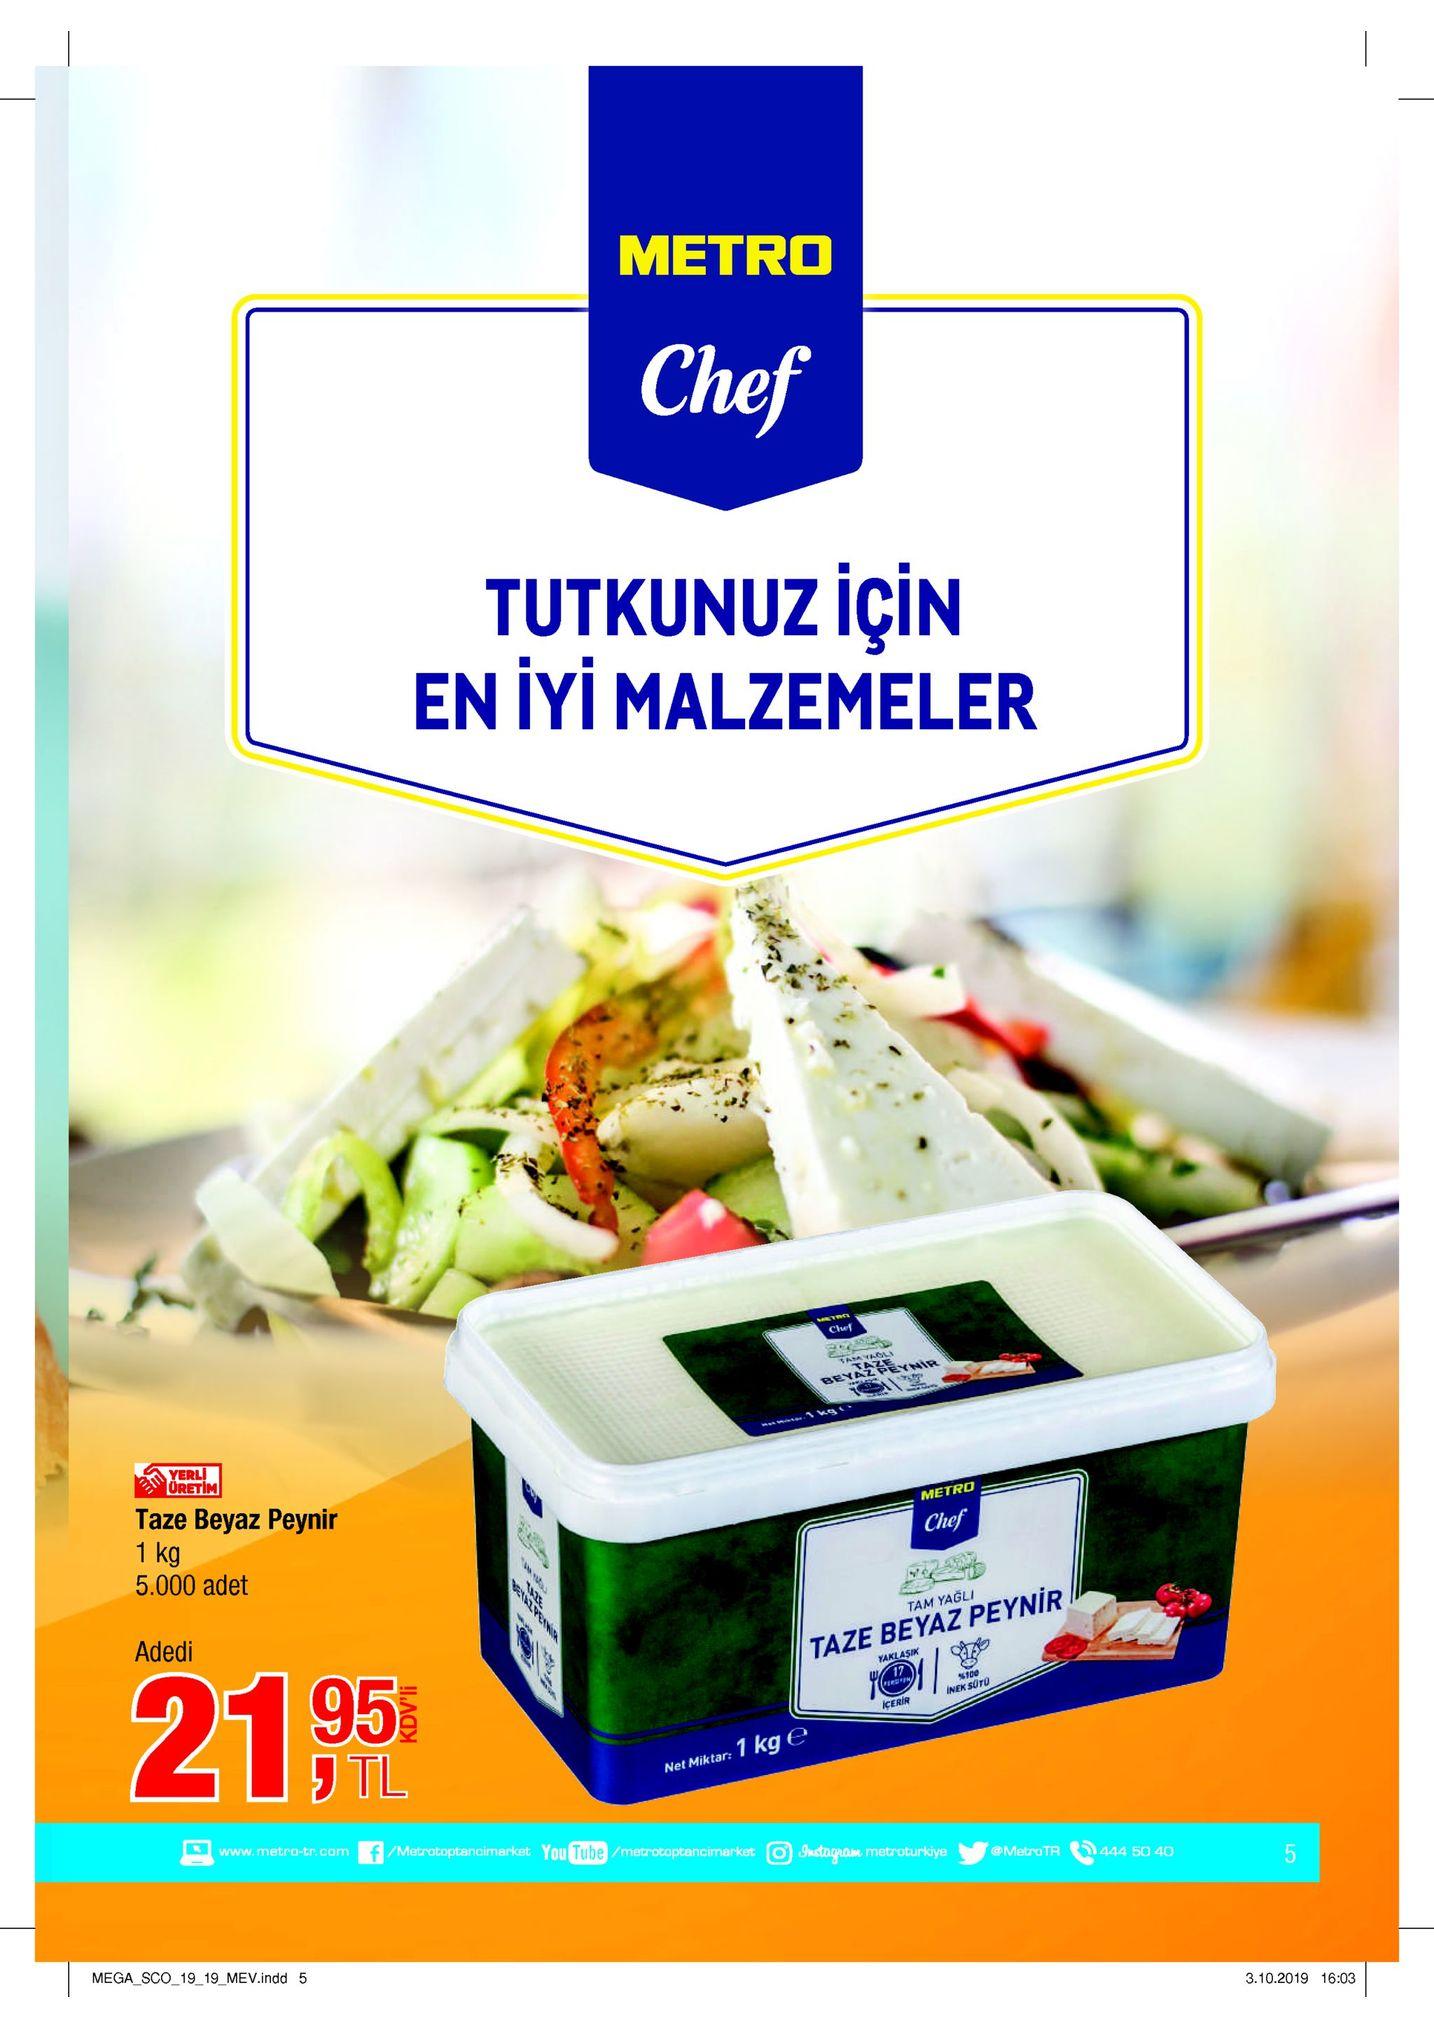 мetro chef tutkunuz için en iyi malzemeler chef samyaol beyaz peynir yerl üretim taze beyaz peynir 1 kg 5.000 adet metro chef adedi tam yagli 21 95 taze beyaz peynir yaklasik 17 %100 inek suto icerir tl net miktar: 1 kg e www.metro-tr.com f/metratoptancimarket you tube/metrotoptancimarket o instogram metroturkiye @metro tr 444 50 40 5 mega_sco_1919 mev.indd 5 3.10.2019 16:03 lo reinia